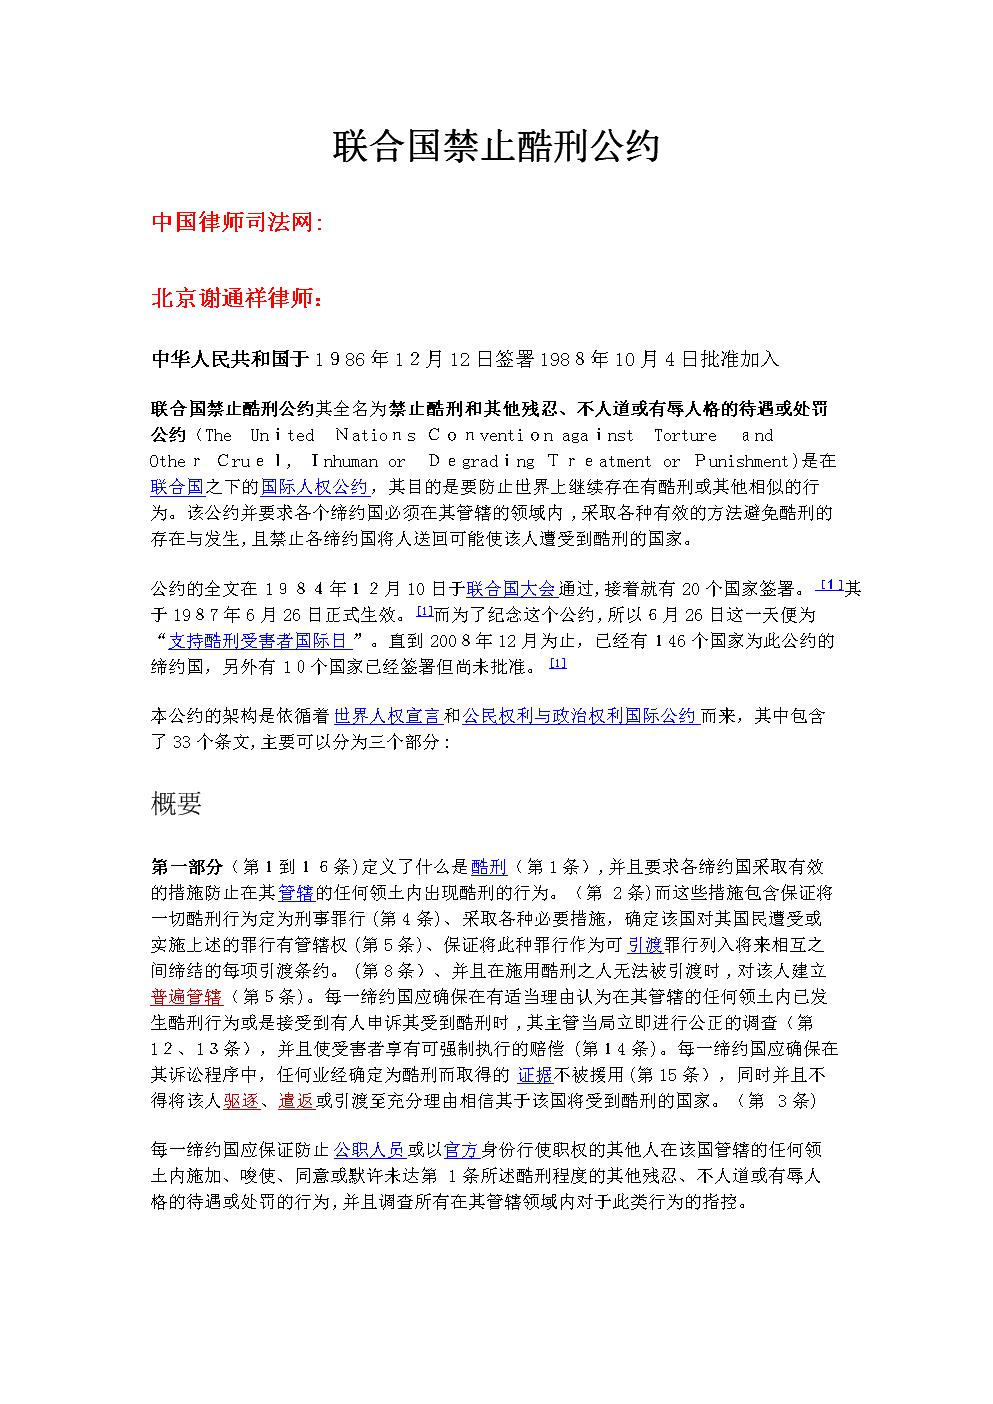 联合国禁止酷刑公约.doc